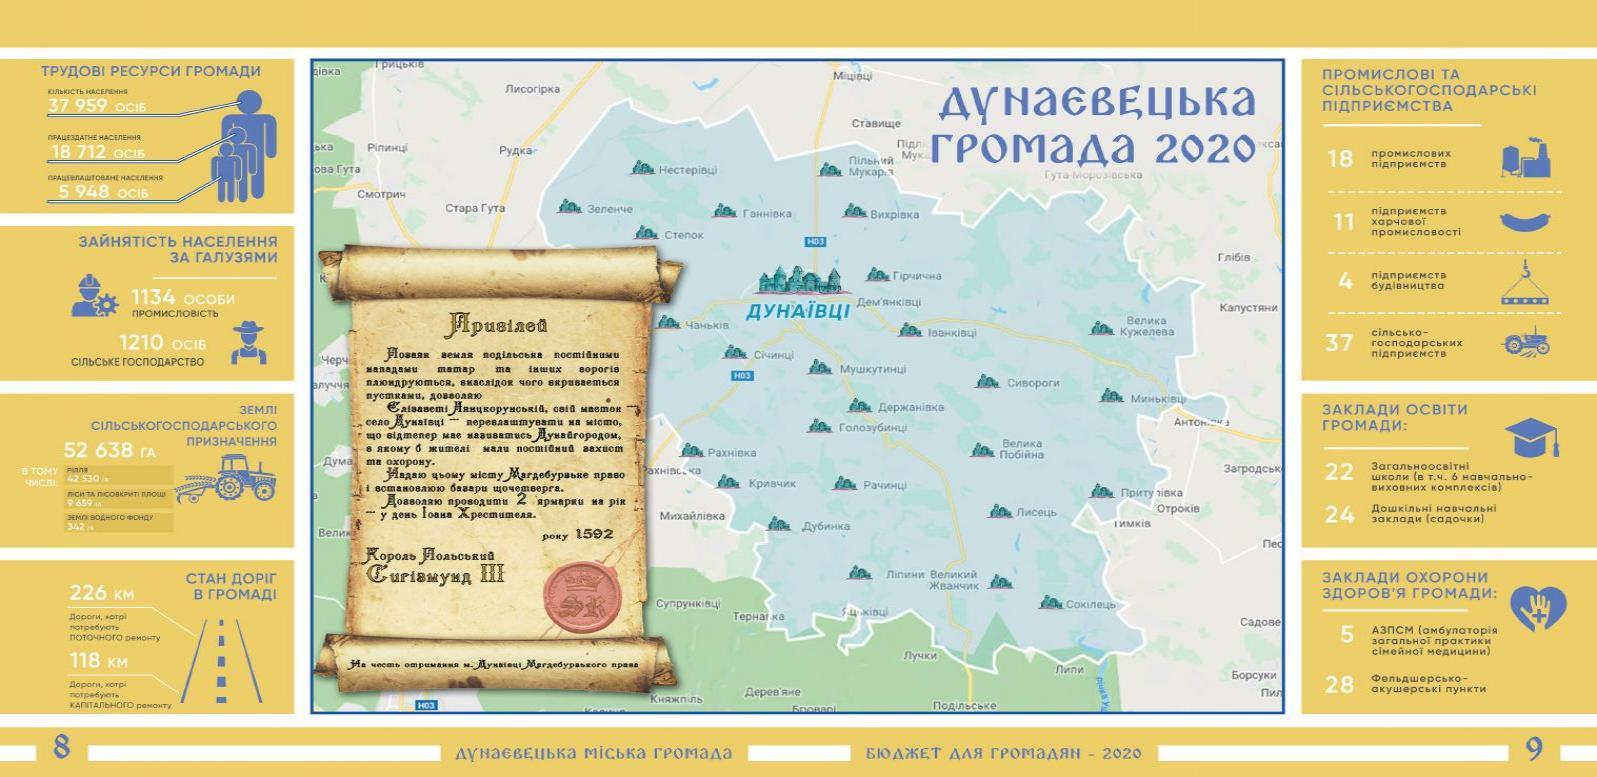 http://dunrada.gov.ua/uploadfile/archive_news/2020/06/26/2020-06-26_9236/images/images-36568.jpg